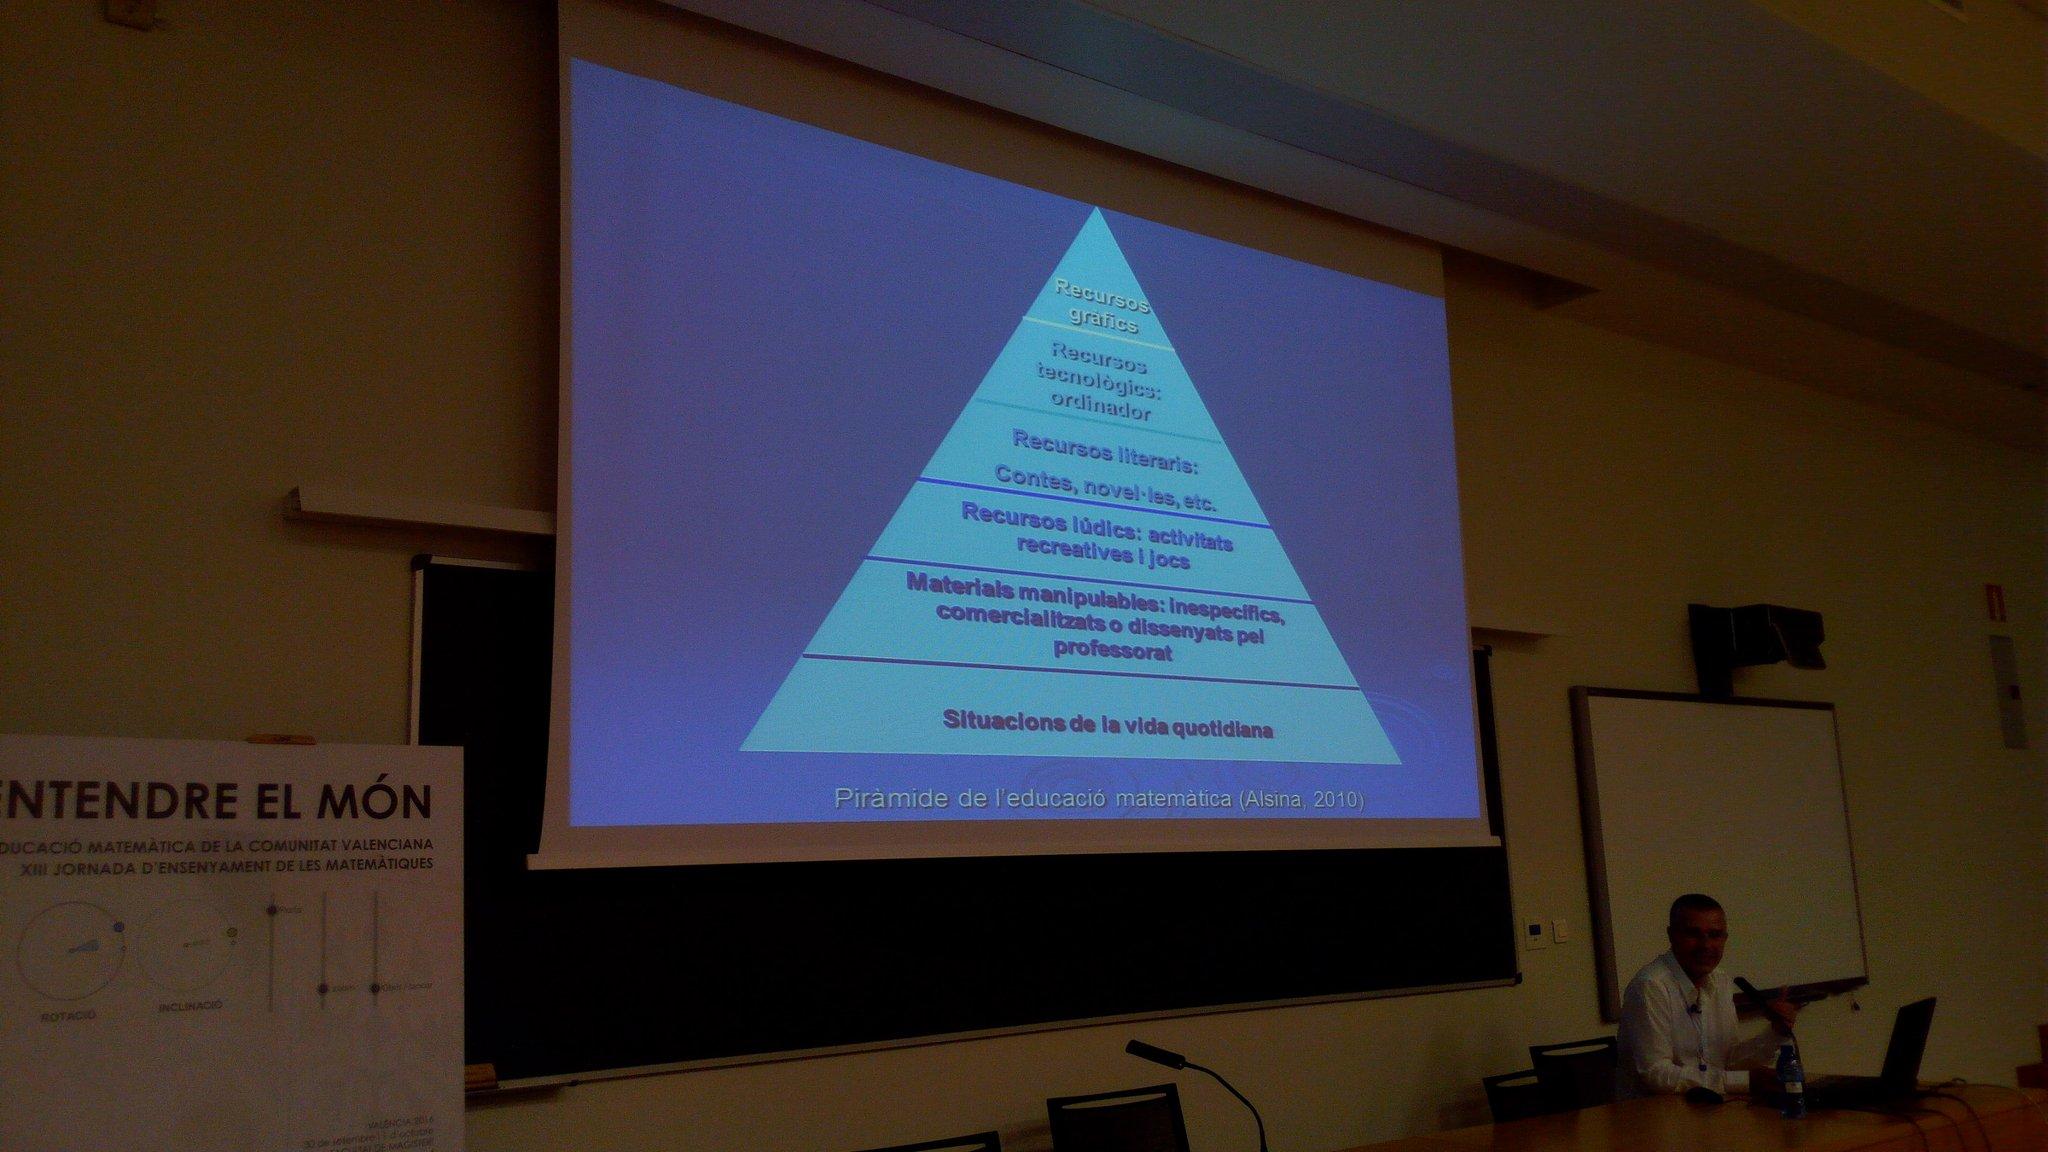 Pirámide de l'educació matemàtica de l'Àngel Alsina. #XIII_jem https://t.co/YwfpgZ01Zs